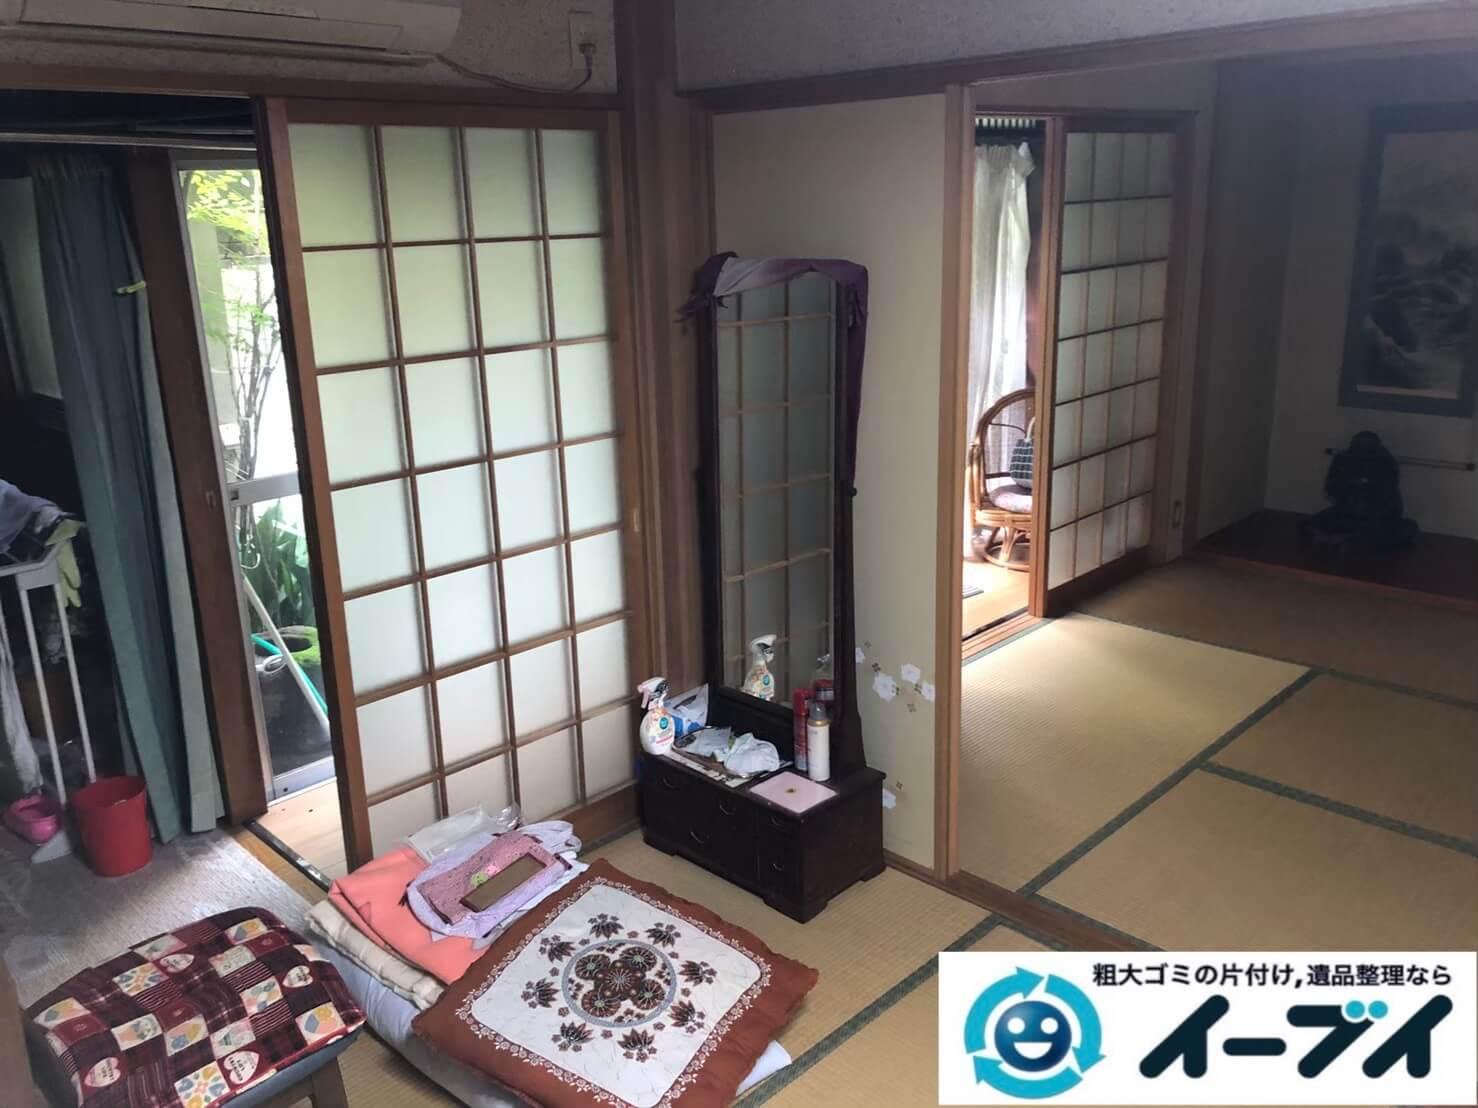 2020年9月10日大阪府大阪市阿倍野区で退居に伴い、お家の家財道具を一式処分させていただきました。写真1